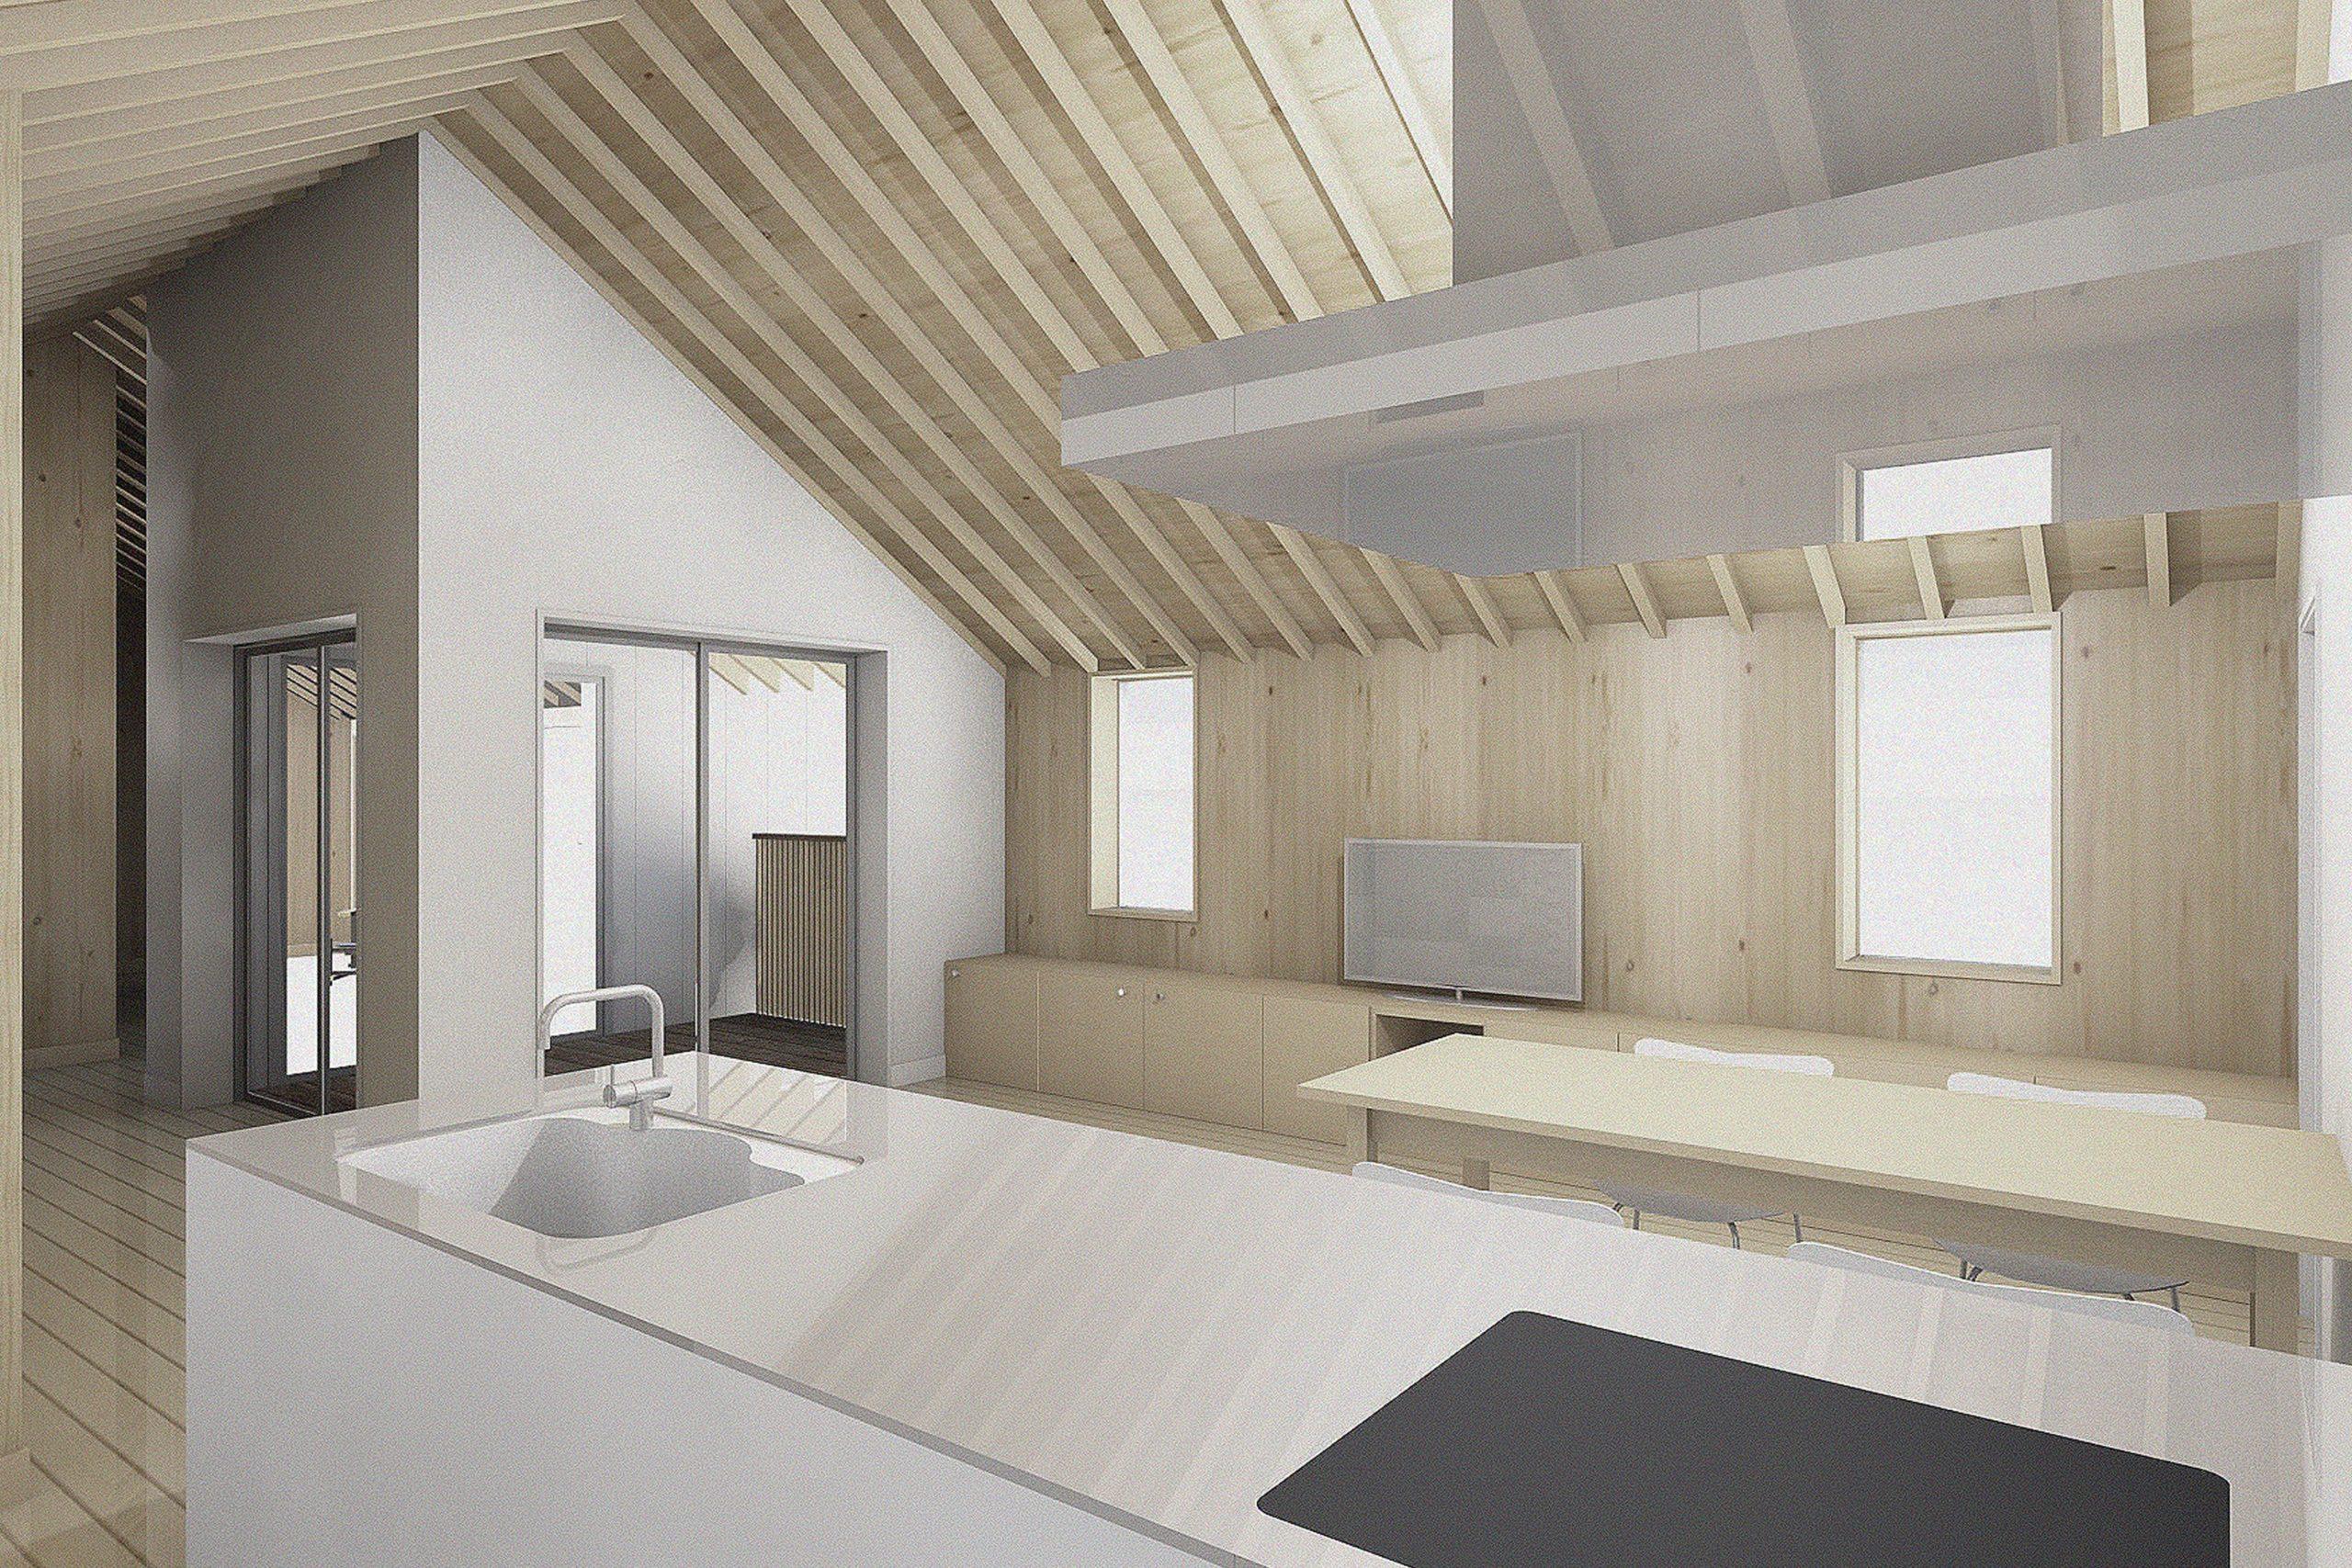 一級建築士事務所村上設計研究所のスライドイメージ4枚目